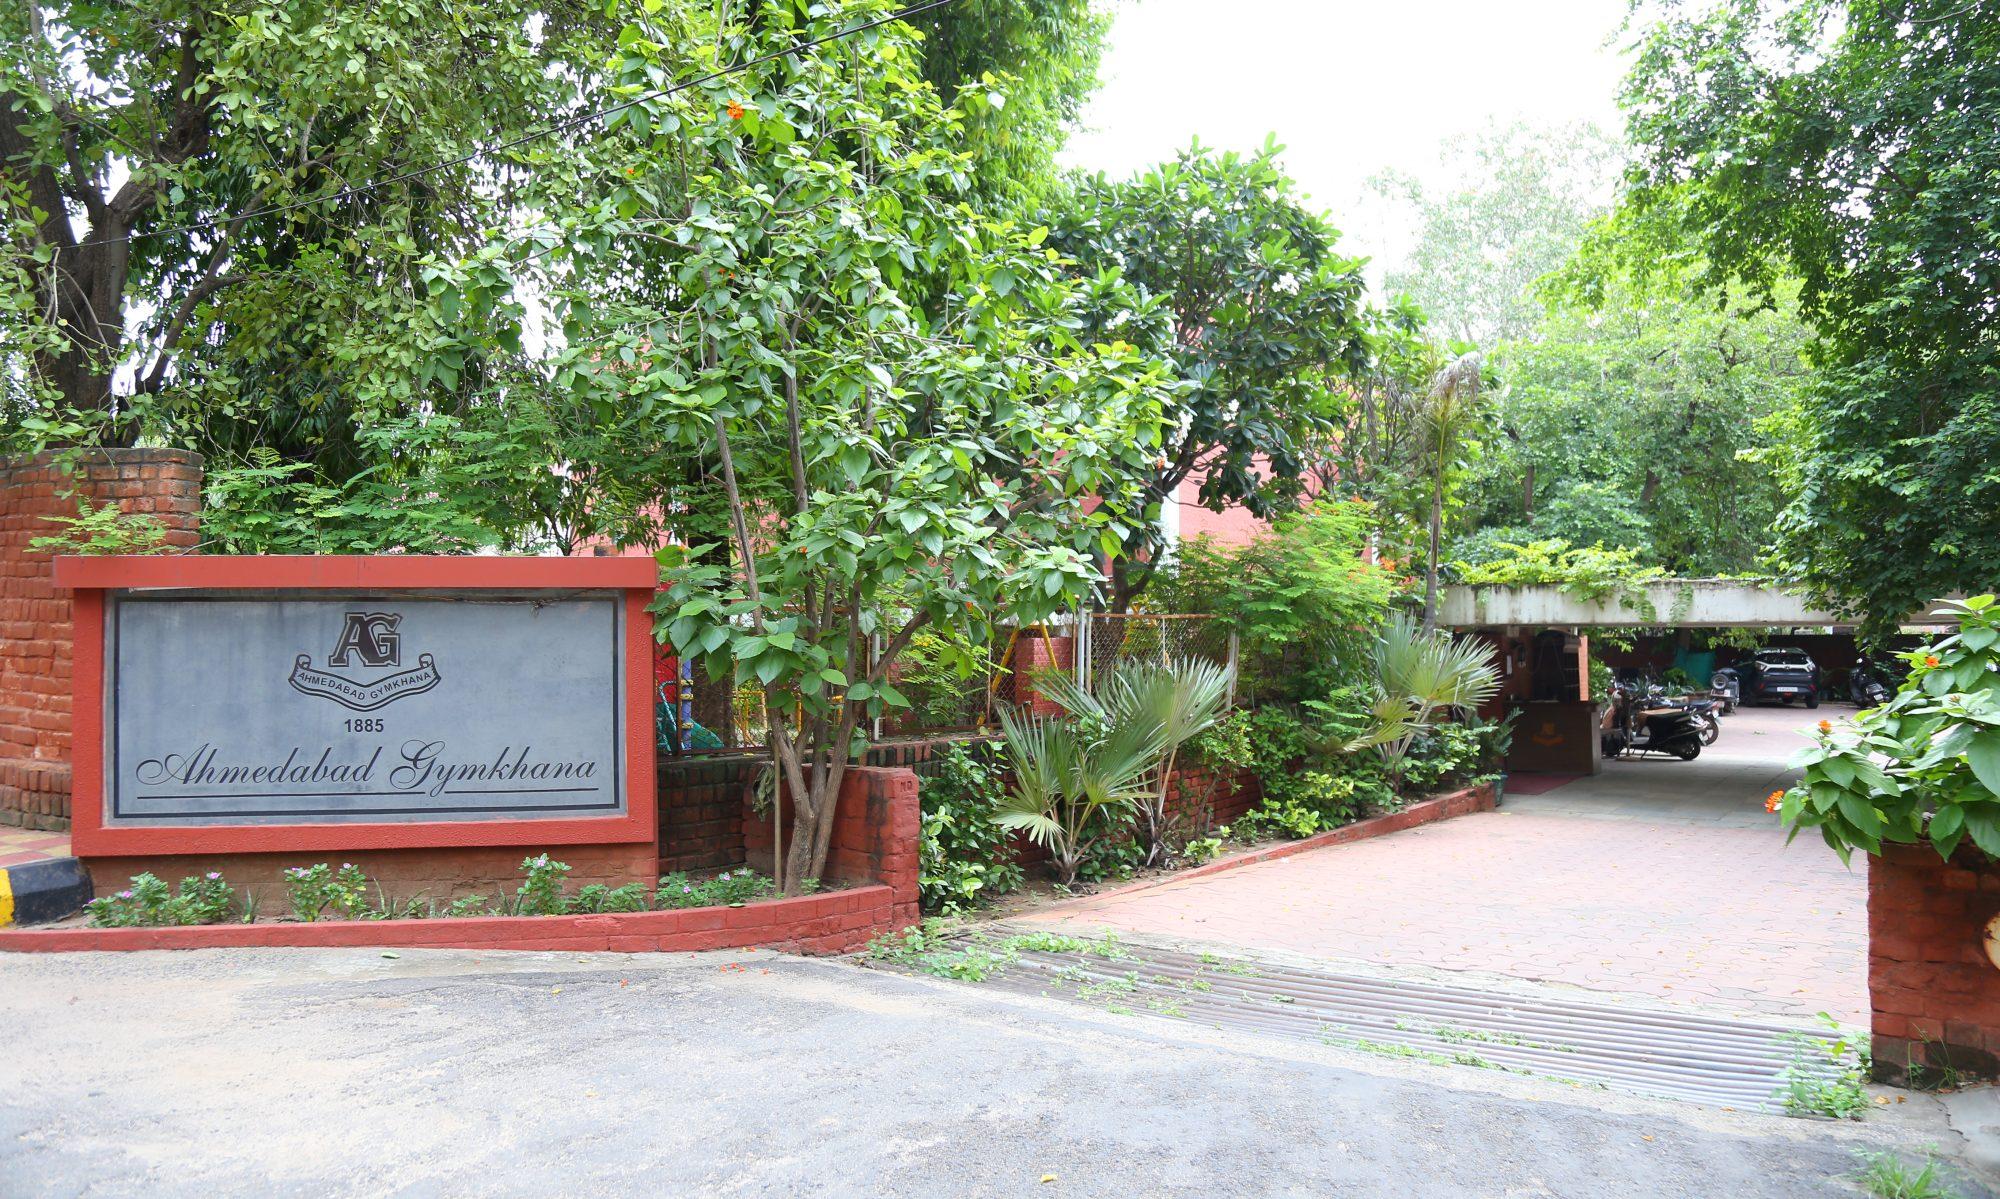 Ahmedabad Gymkhana